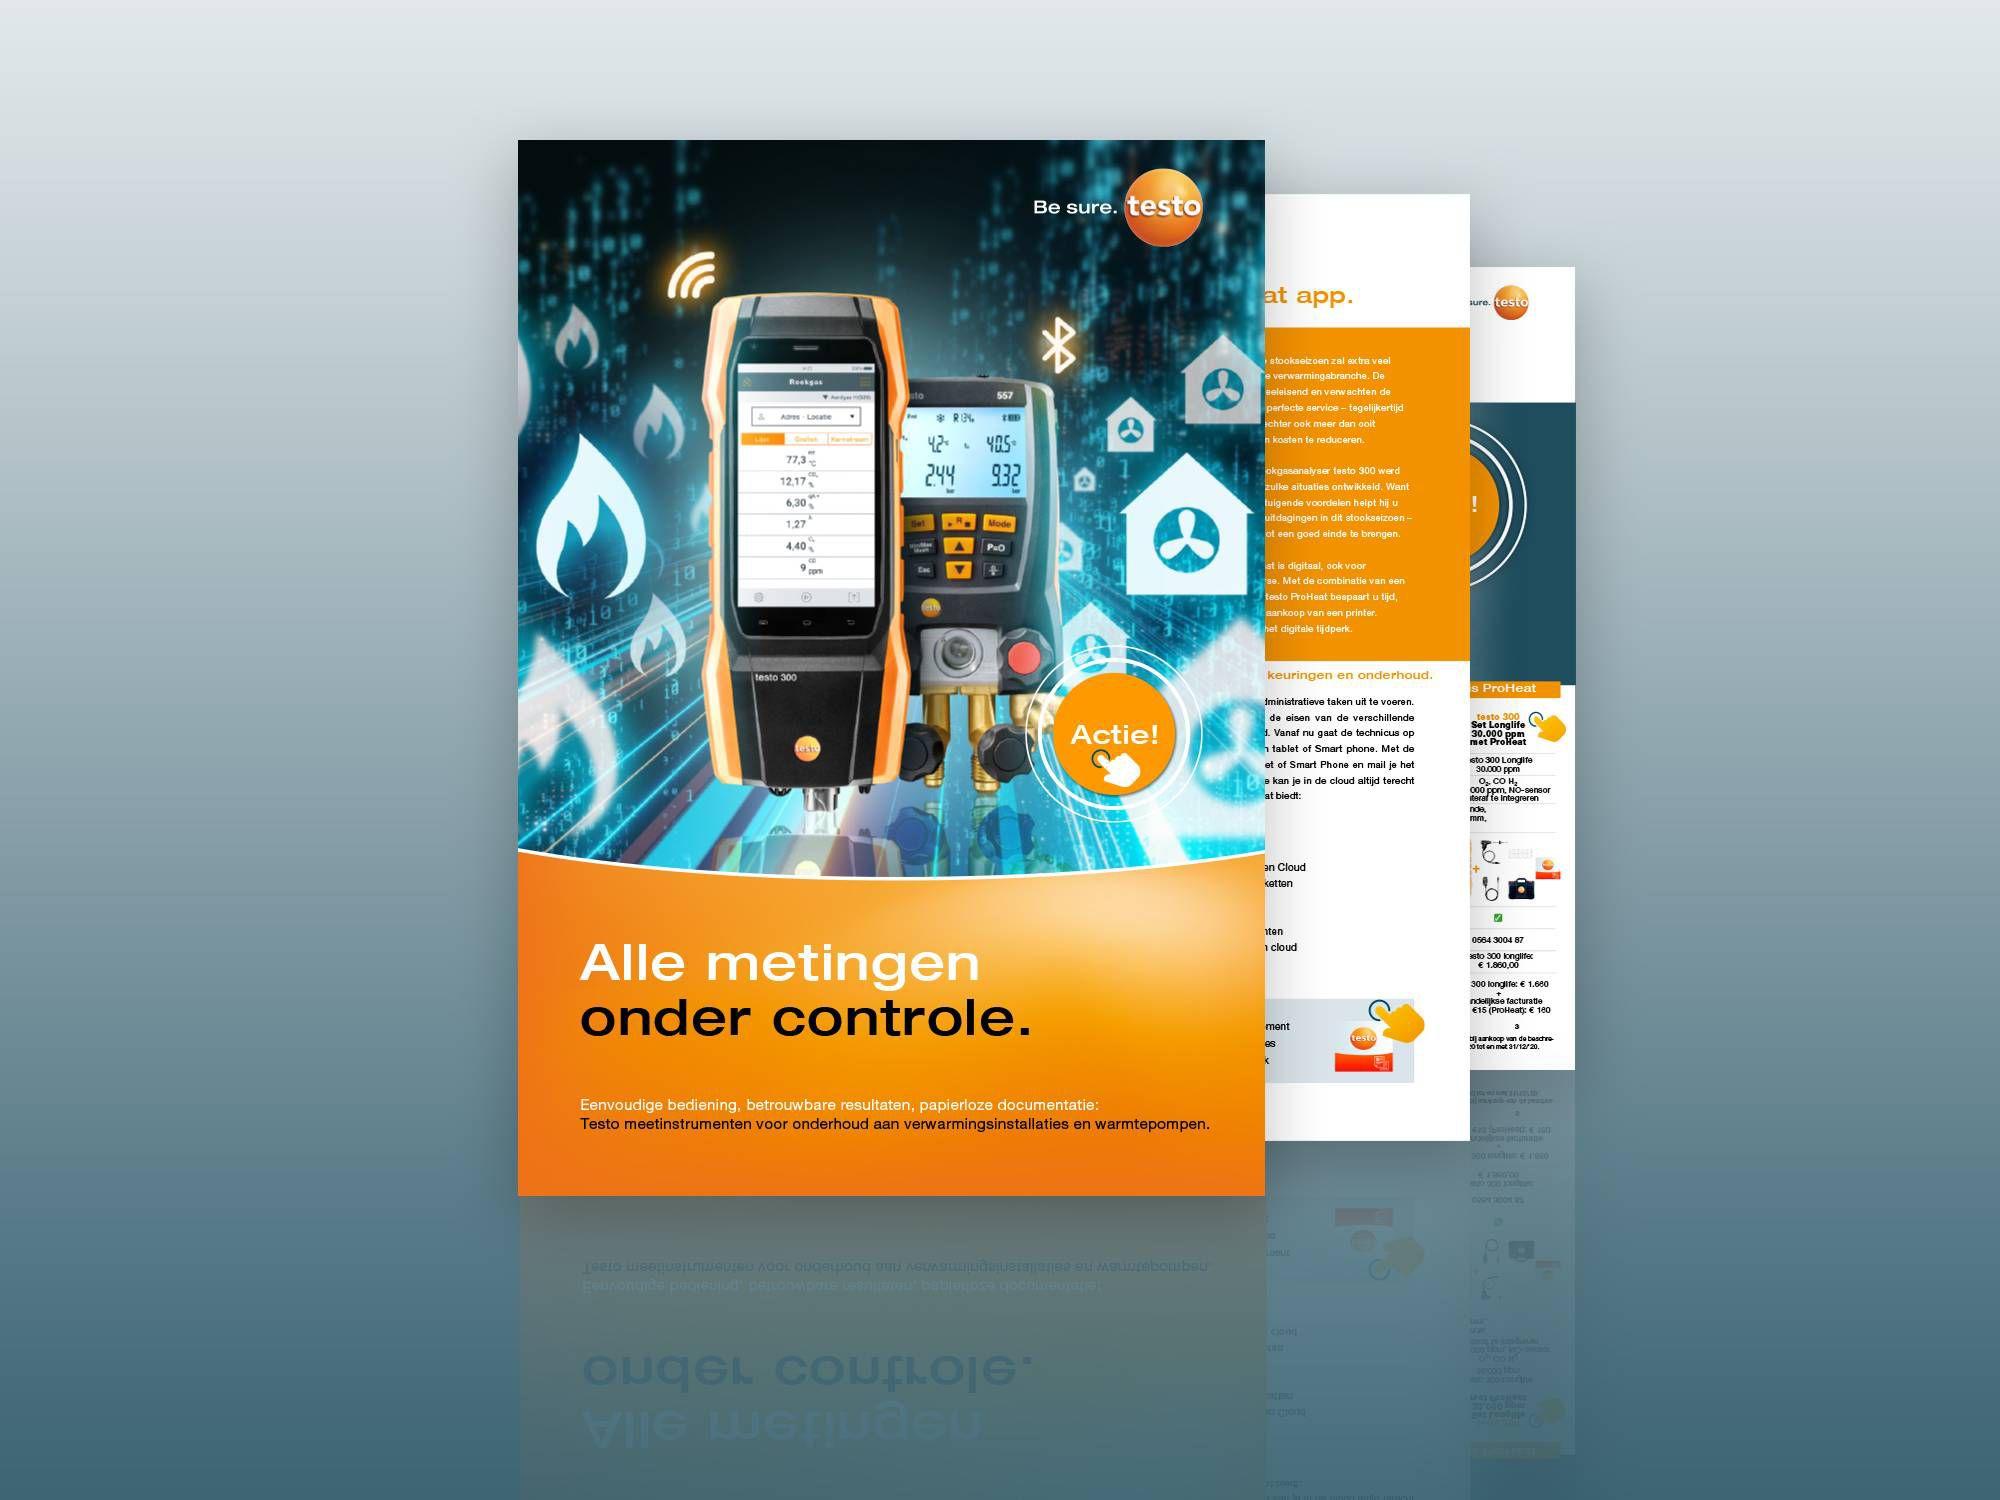 brochure-herfstactie-heating-2020-BE-NL.jpg